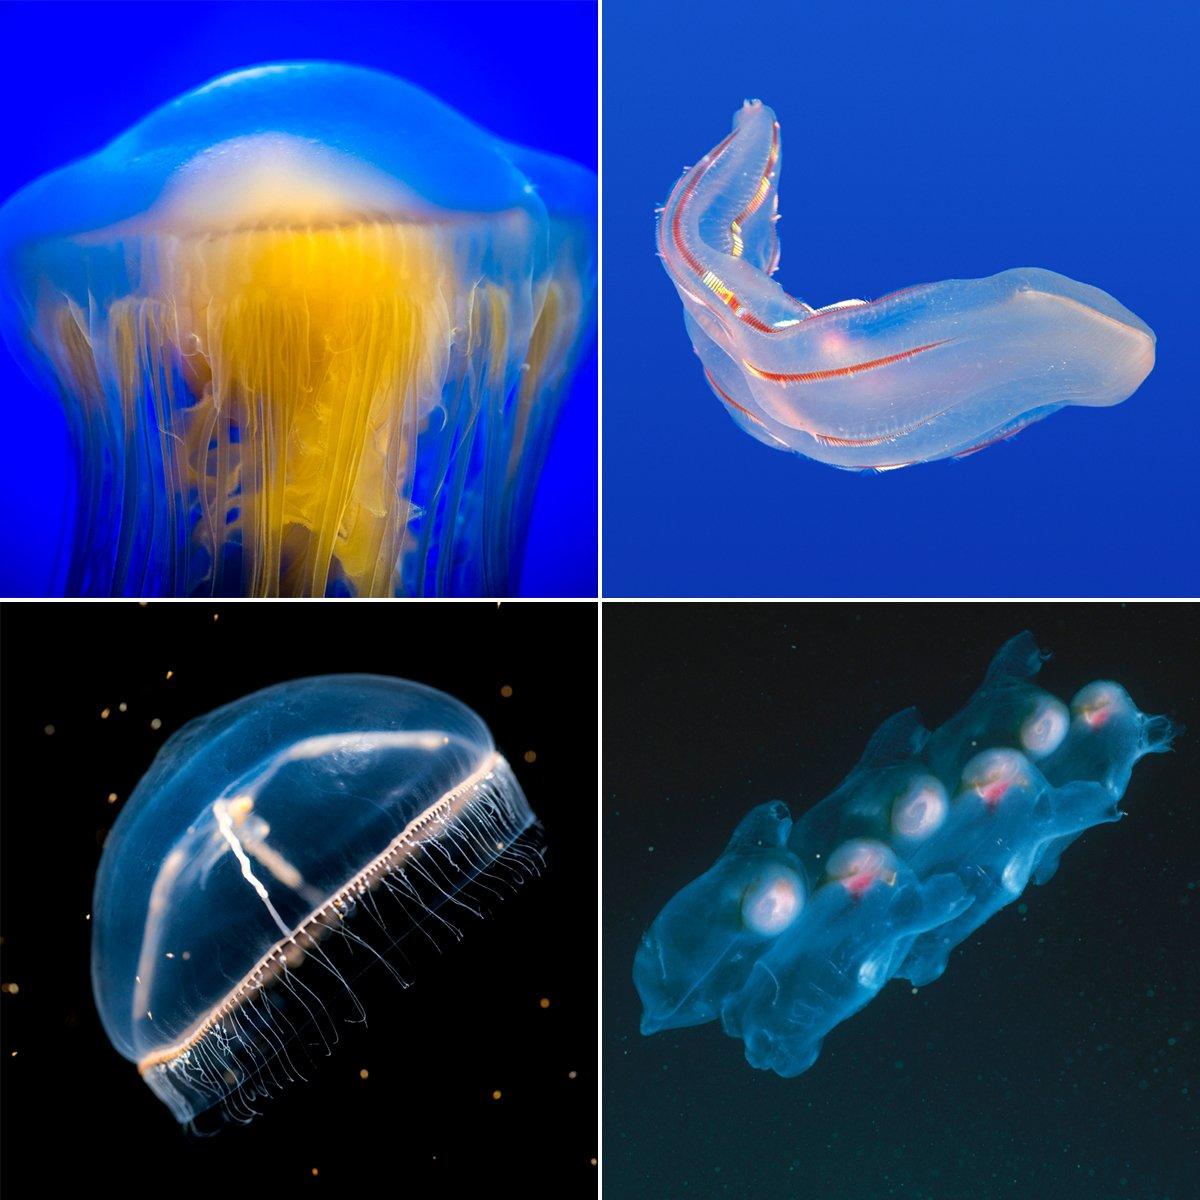 Gelata: Venusgürtel, Seewespe, Feuerwalze und Co